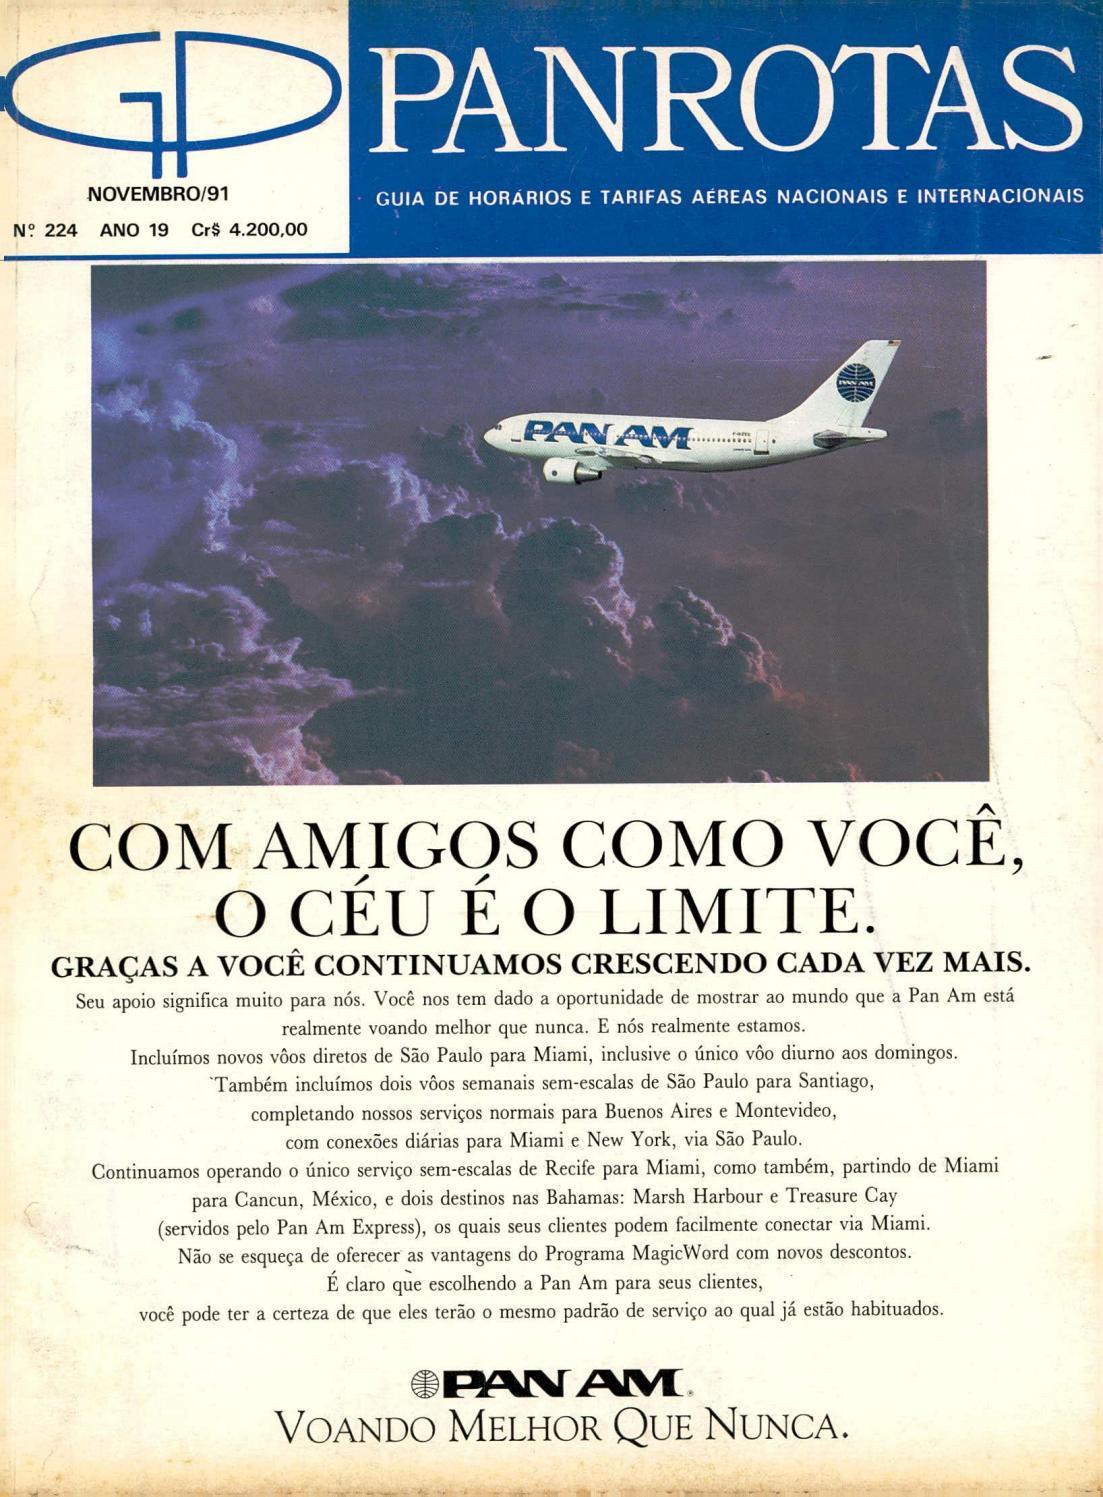 7b12b595305ab Guia PANROTAS - Edição 224 - Novembro 1991 by PANROTAS Editora - issuu